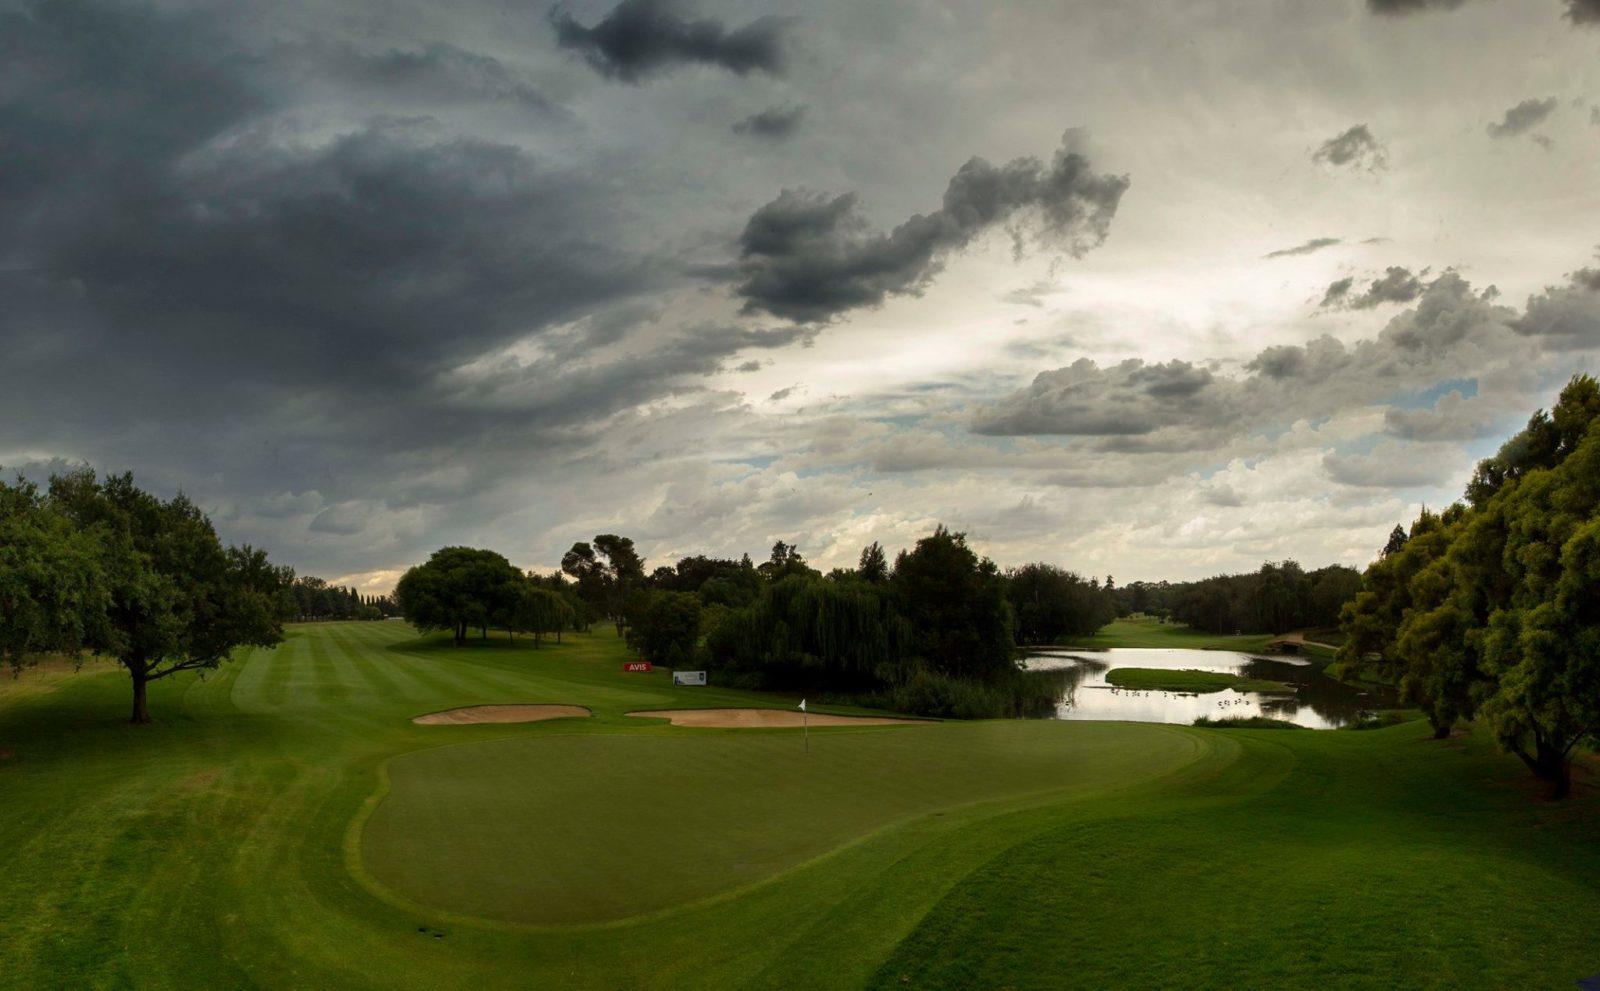 Glendower Golf Club